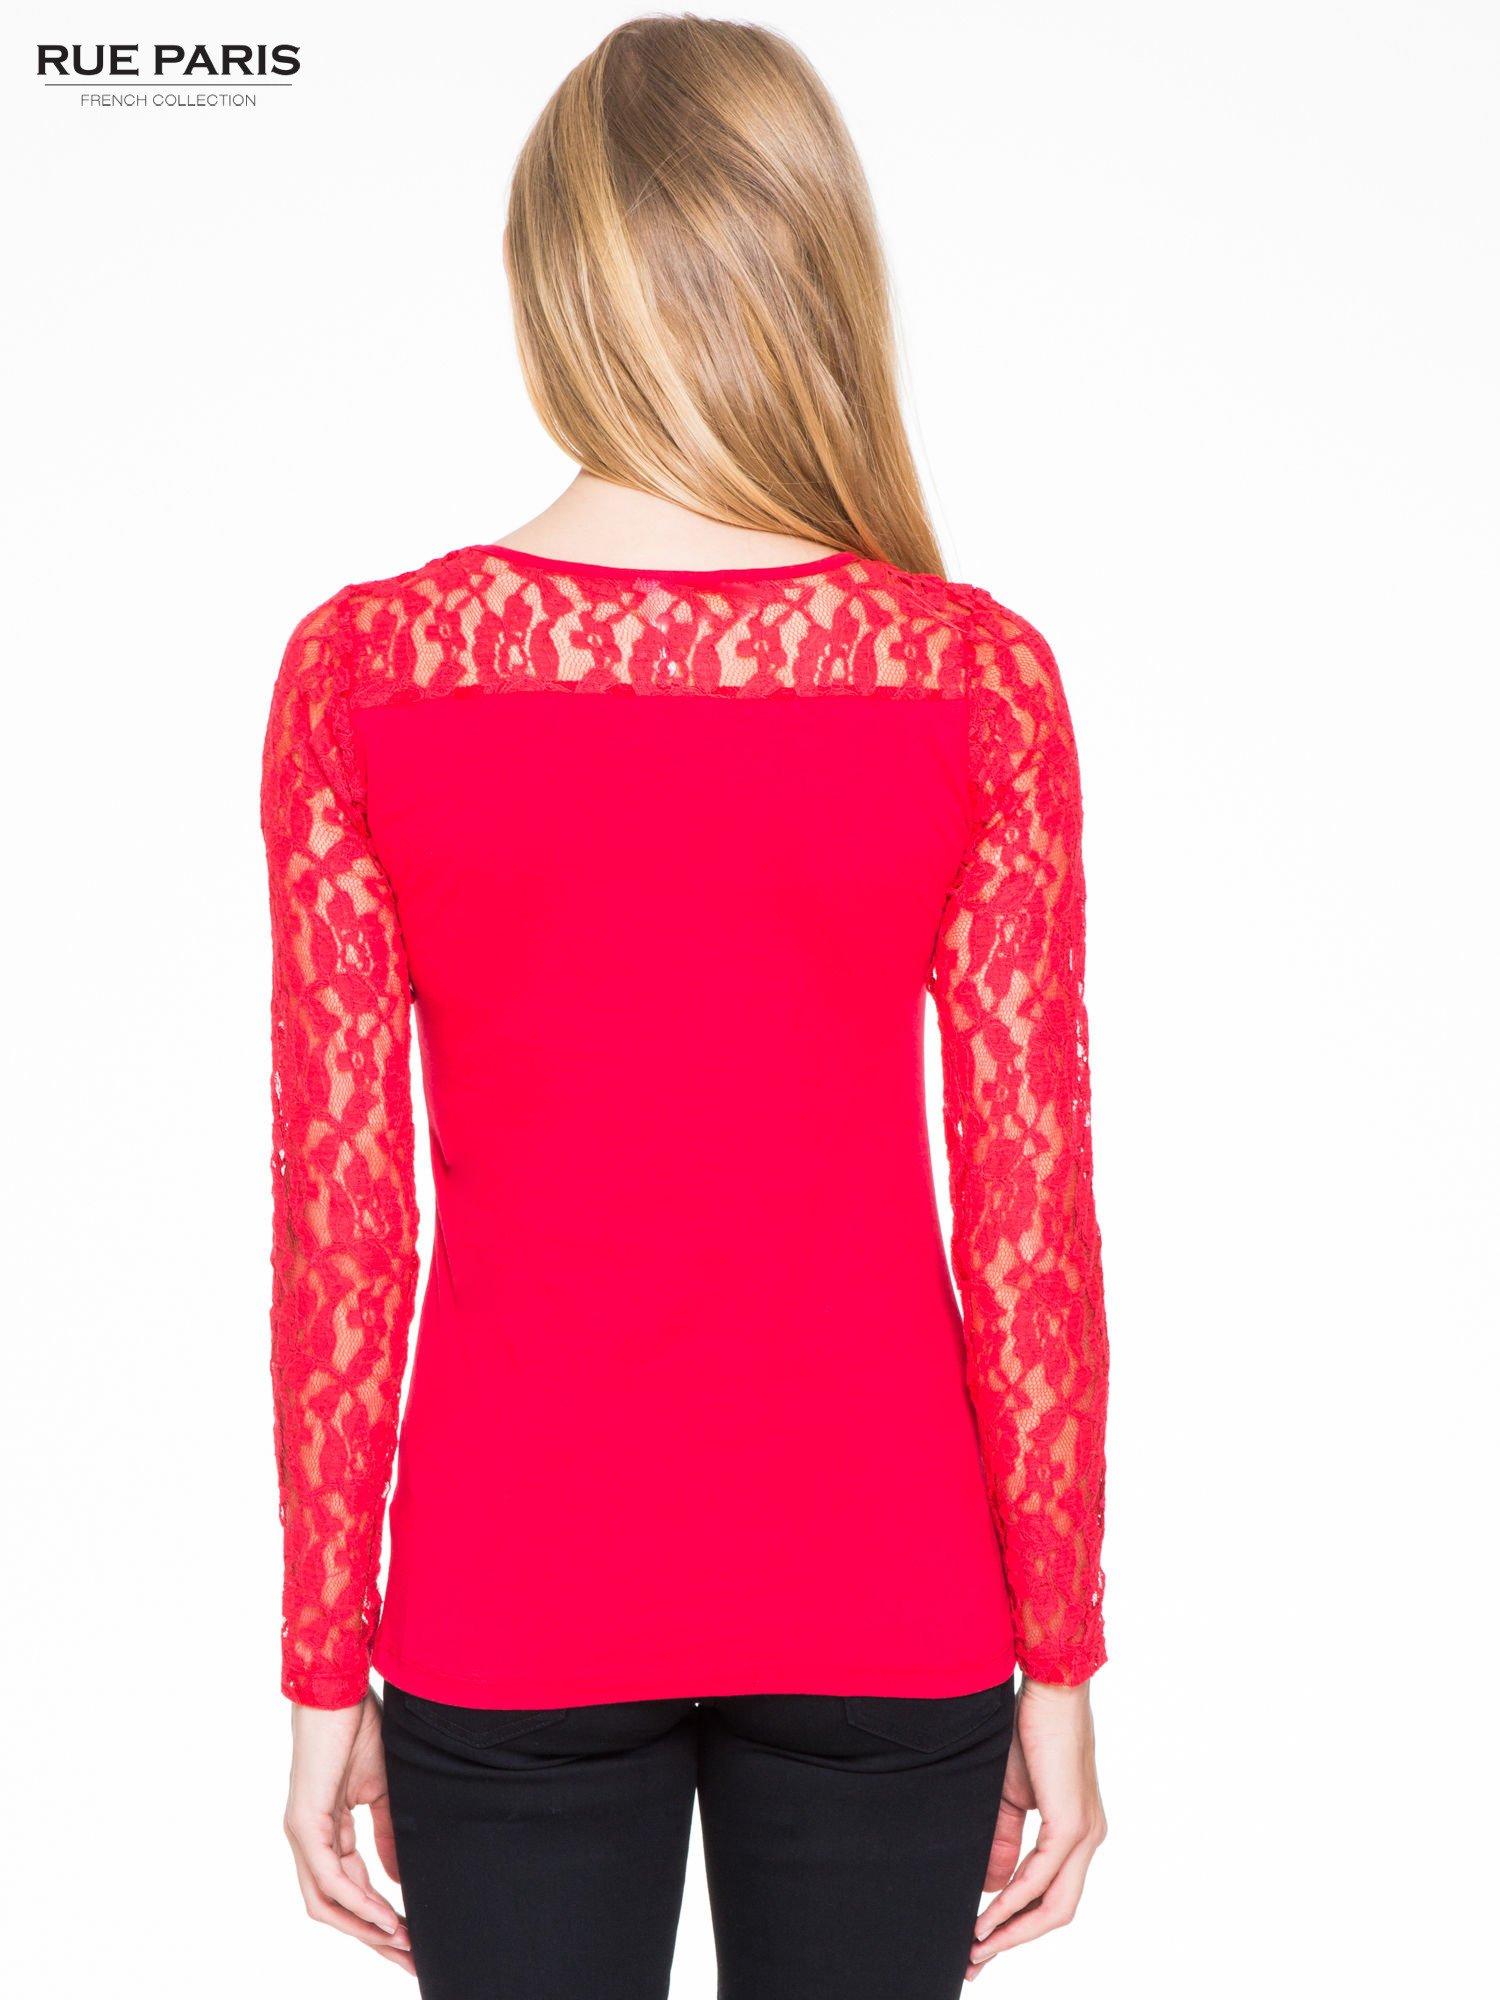 Czerwona bluzka z koronkowymi rękawami                                  zdj.                                  4